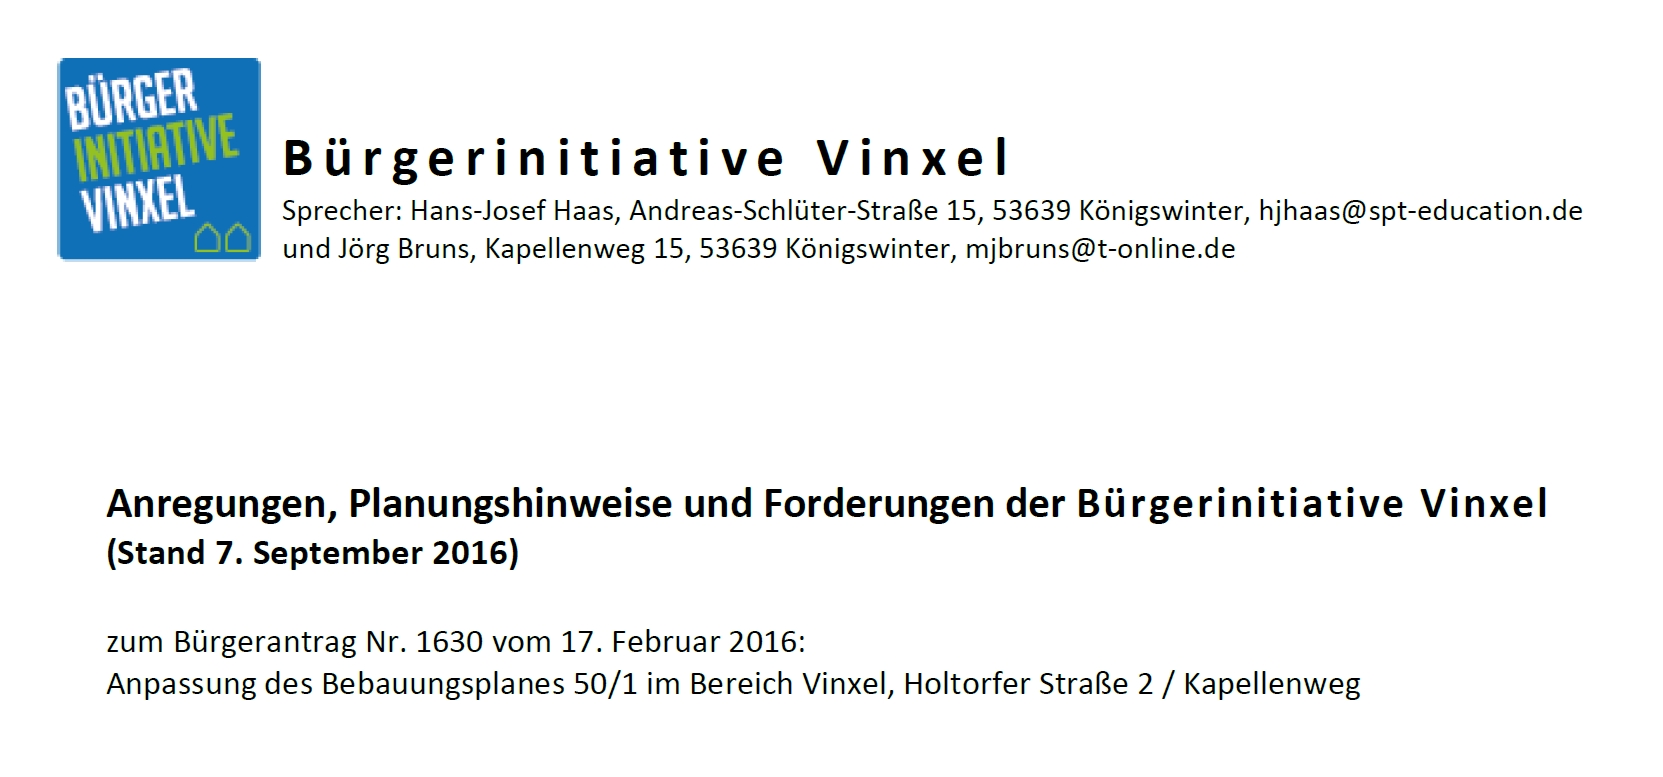 anregungen_b-plan_vinxel_20160908b_titel